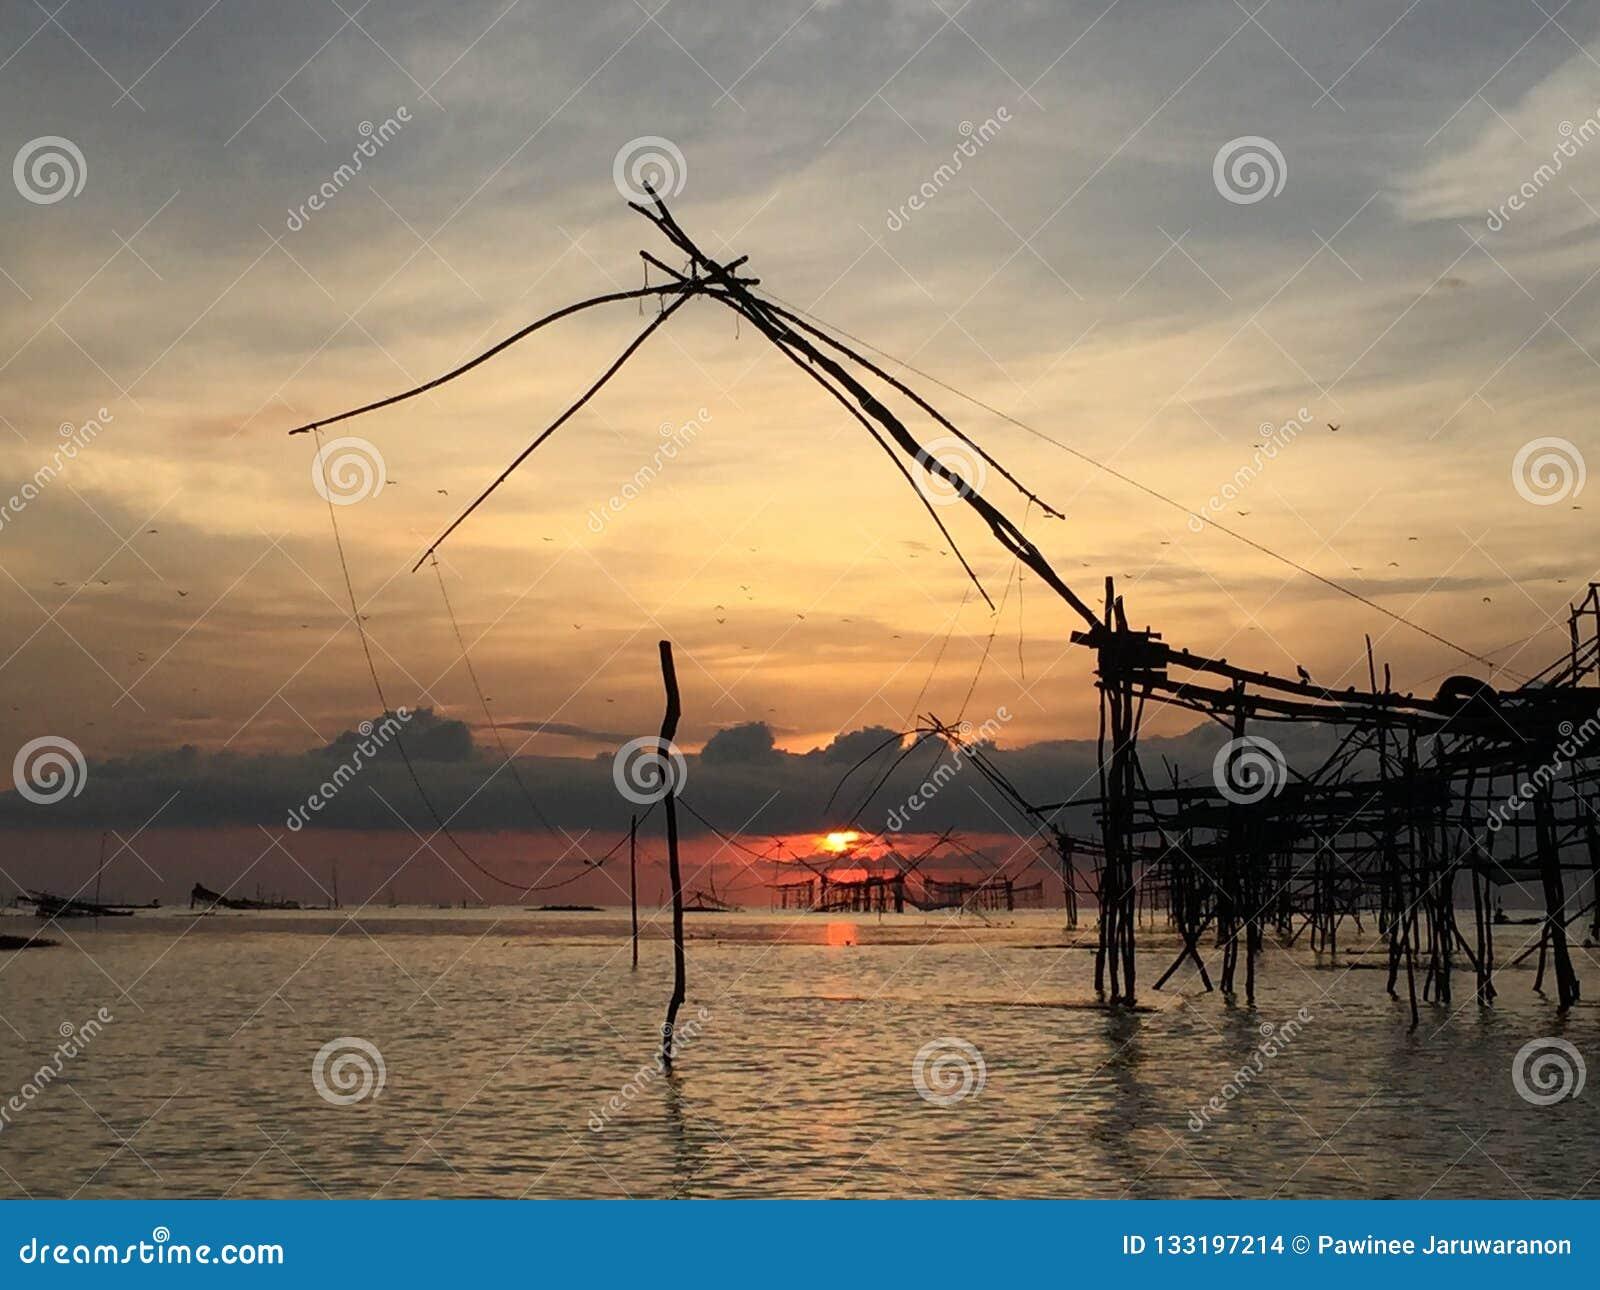 Oude cultuur traditionele visserij bij meer door houten vierkante onderdompeling netto in de zonsopgang van ochtendtijd